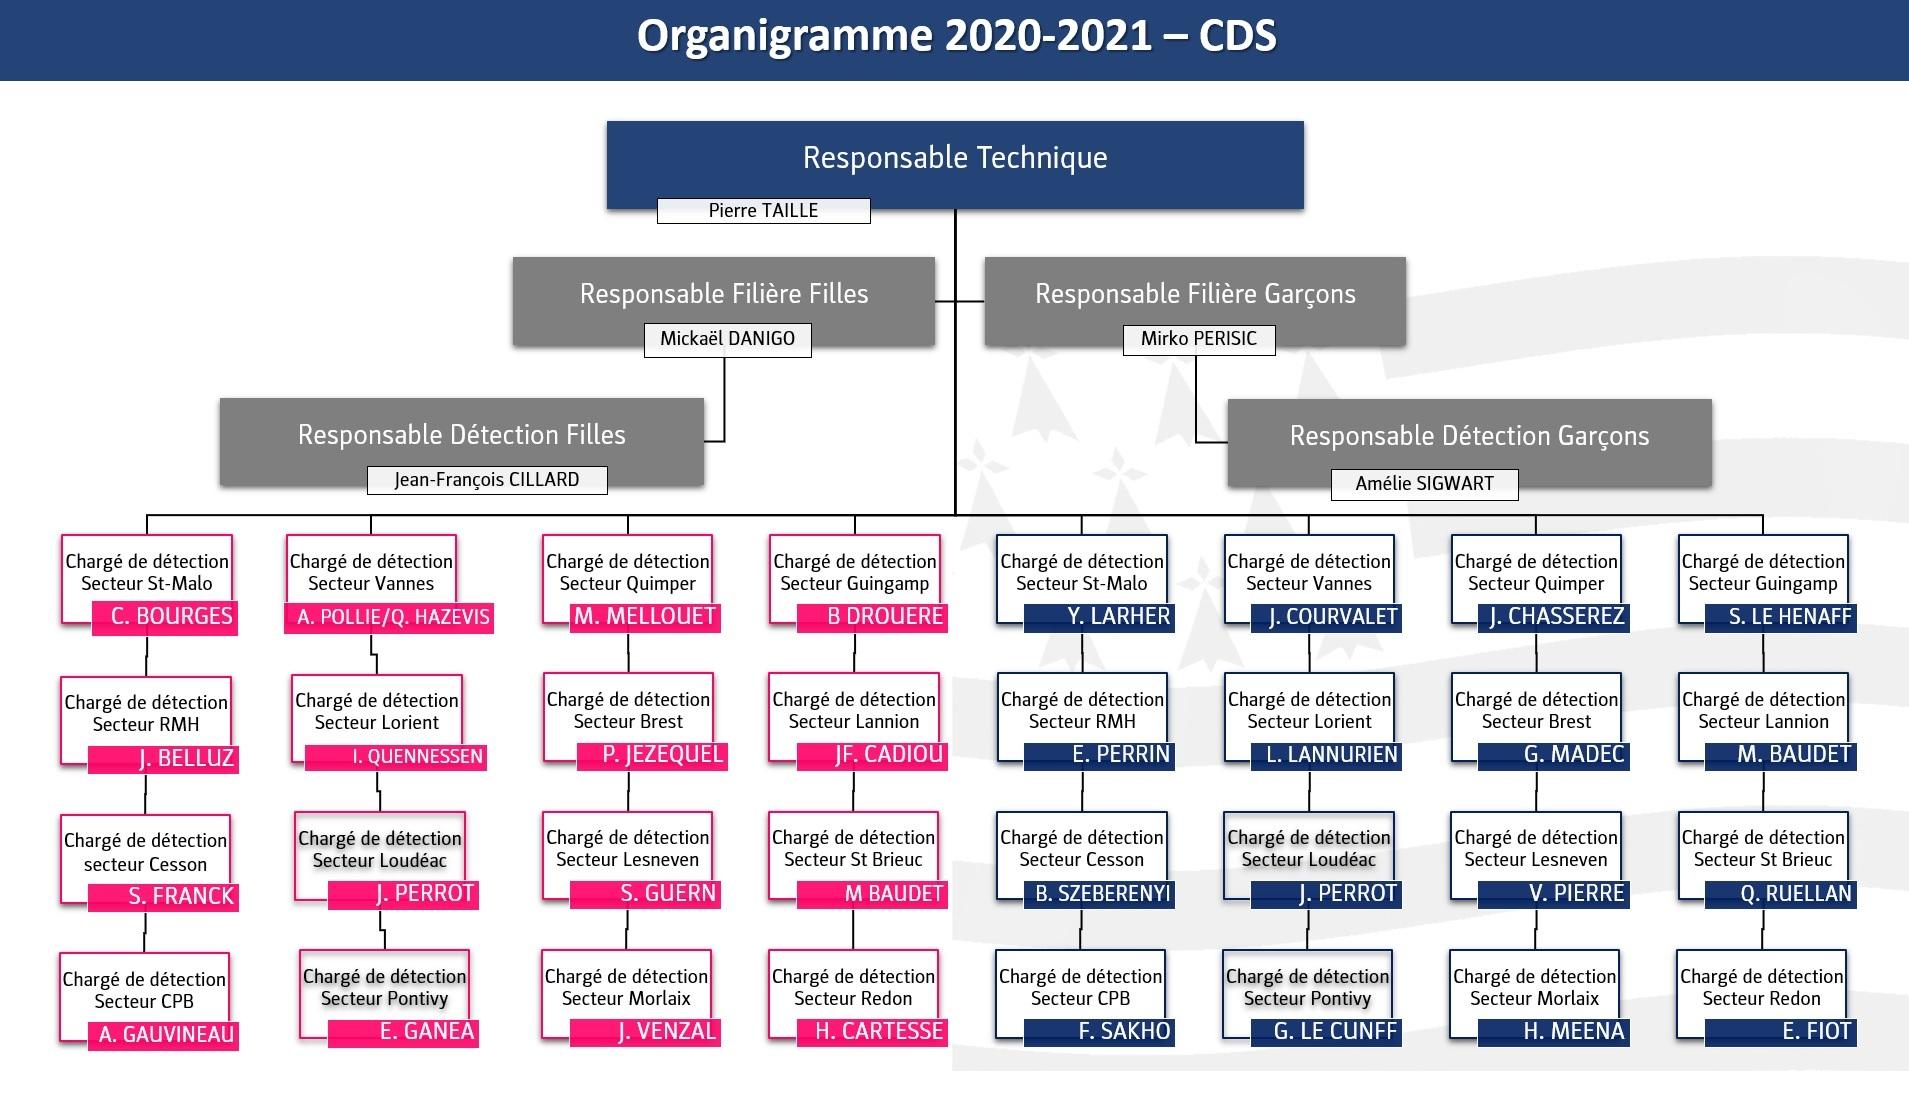 organigramme CDS